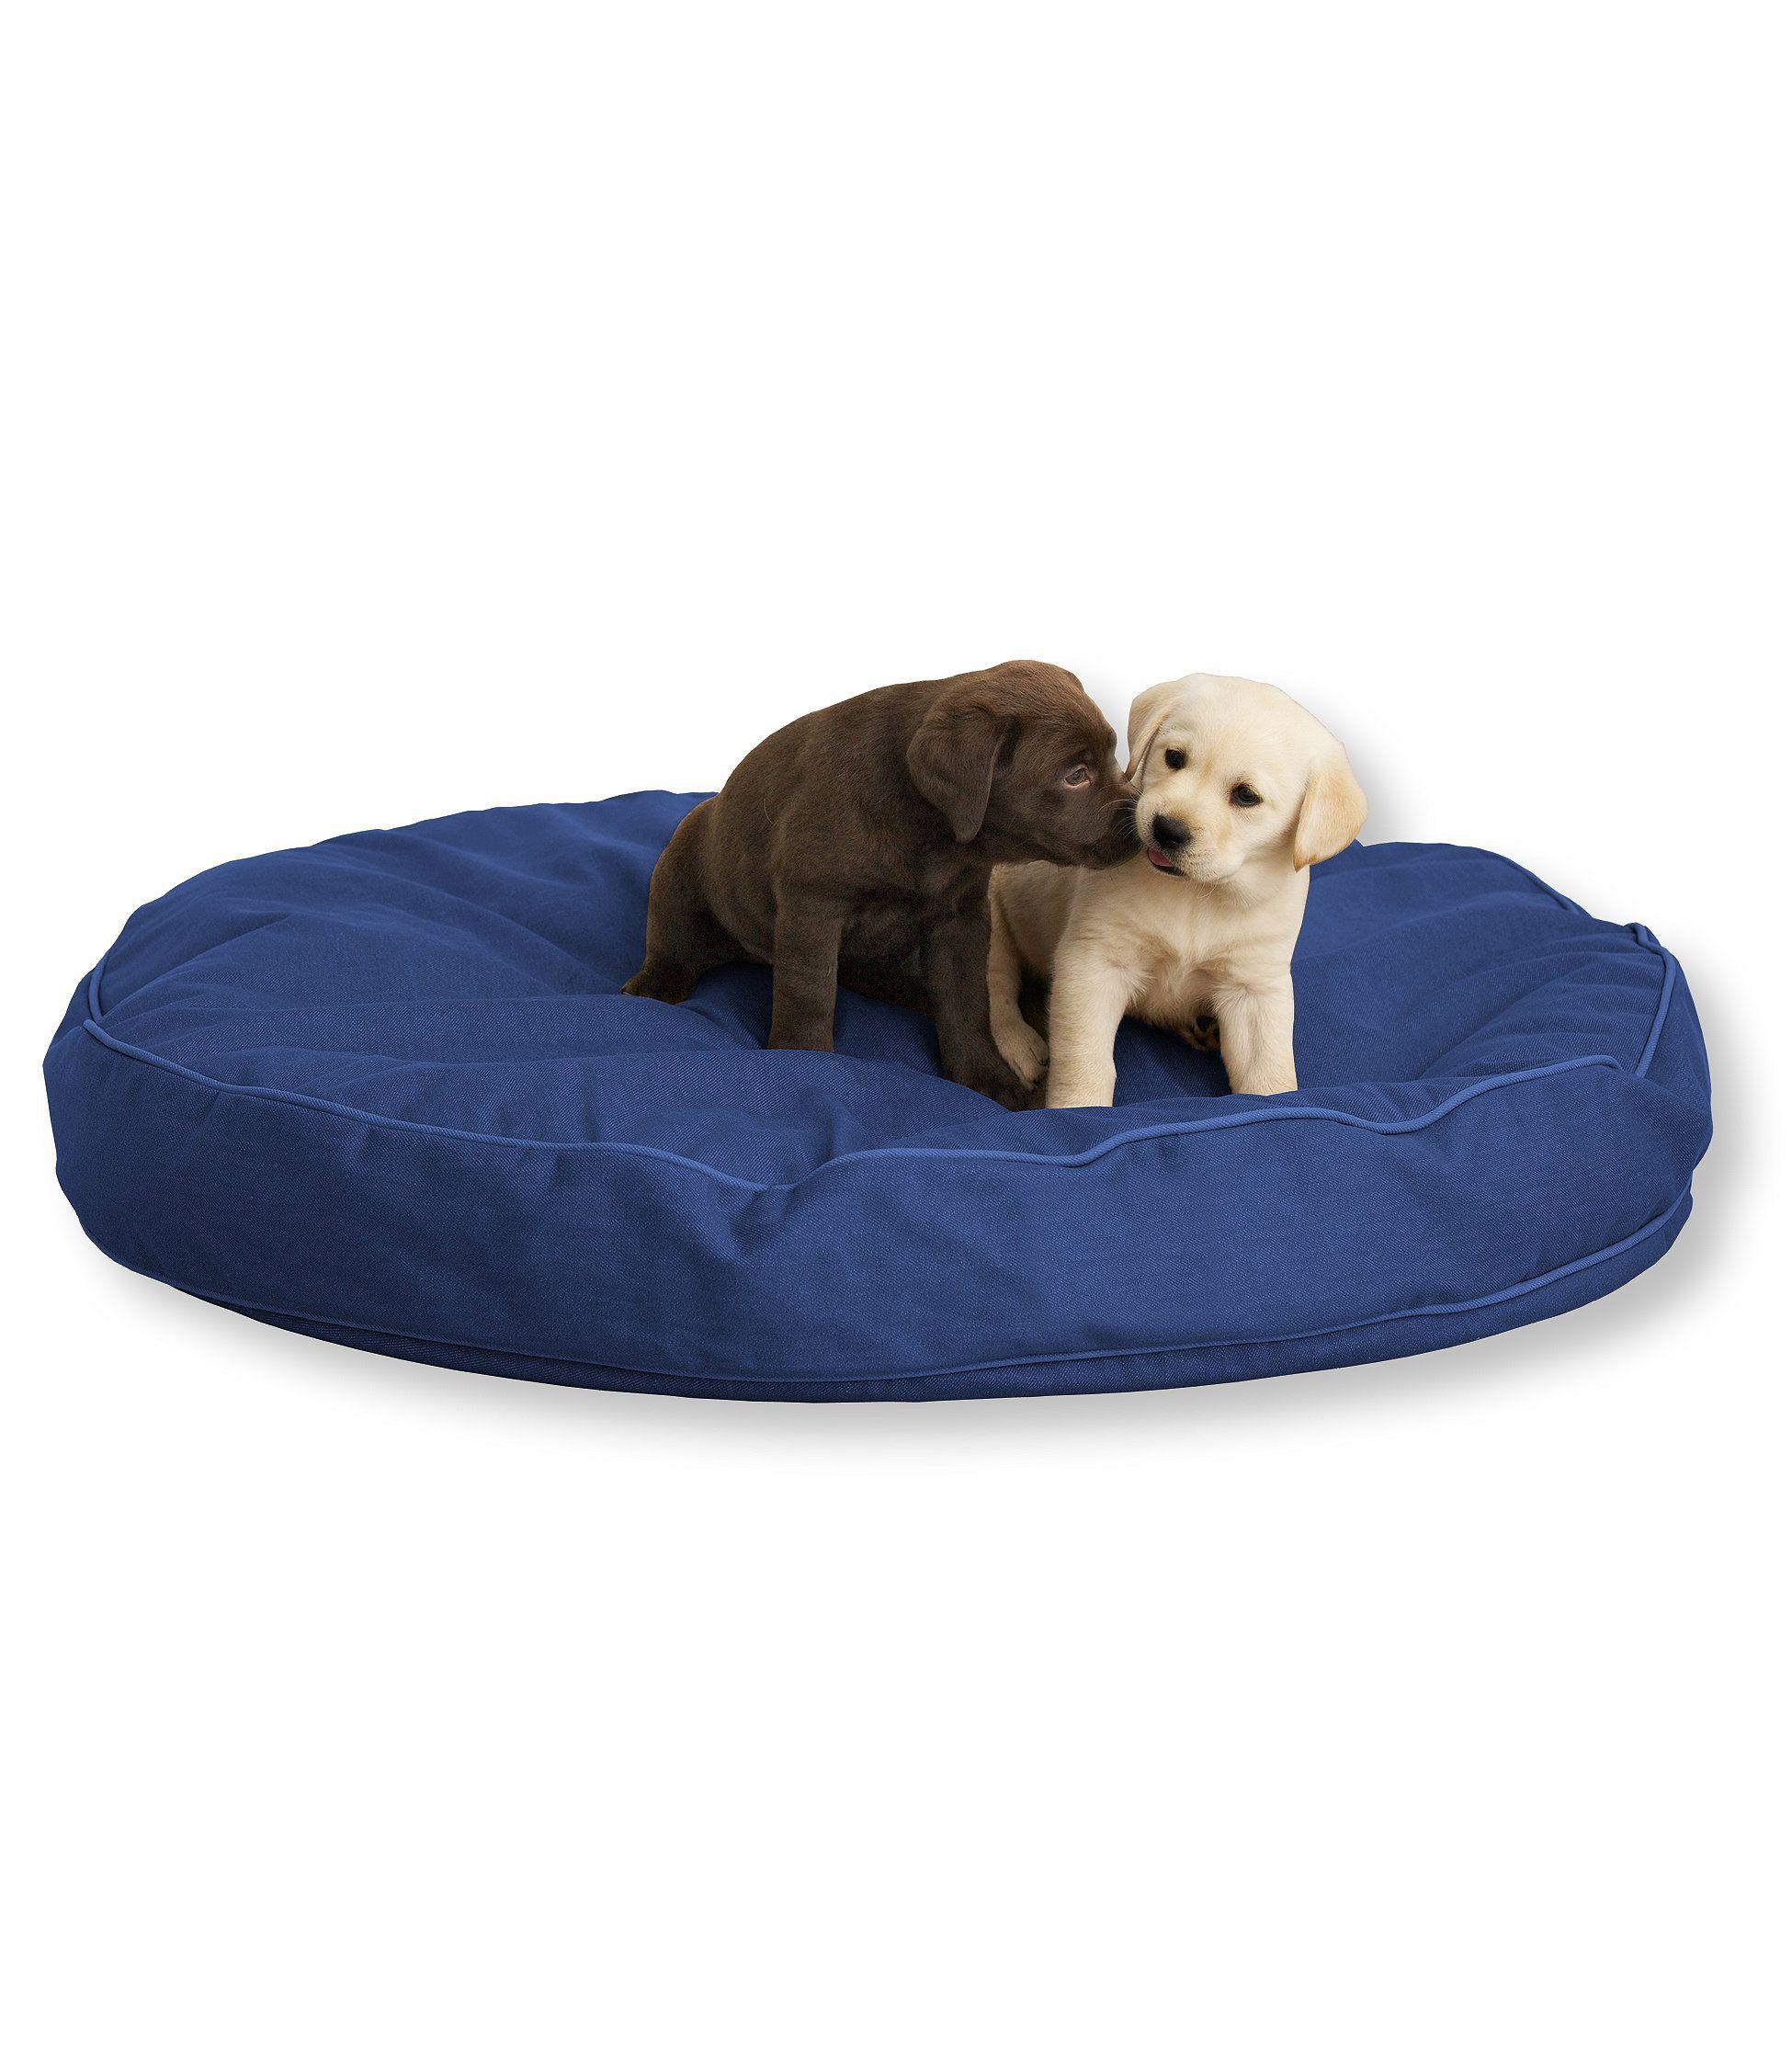 Premium Denim Dog Bed Set Dog bed, Puppy beds, Bedding sets